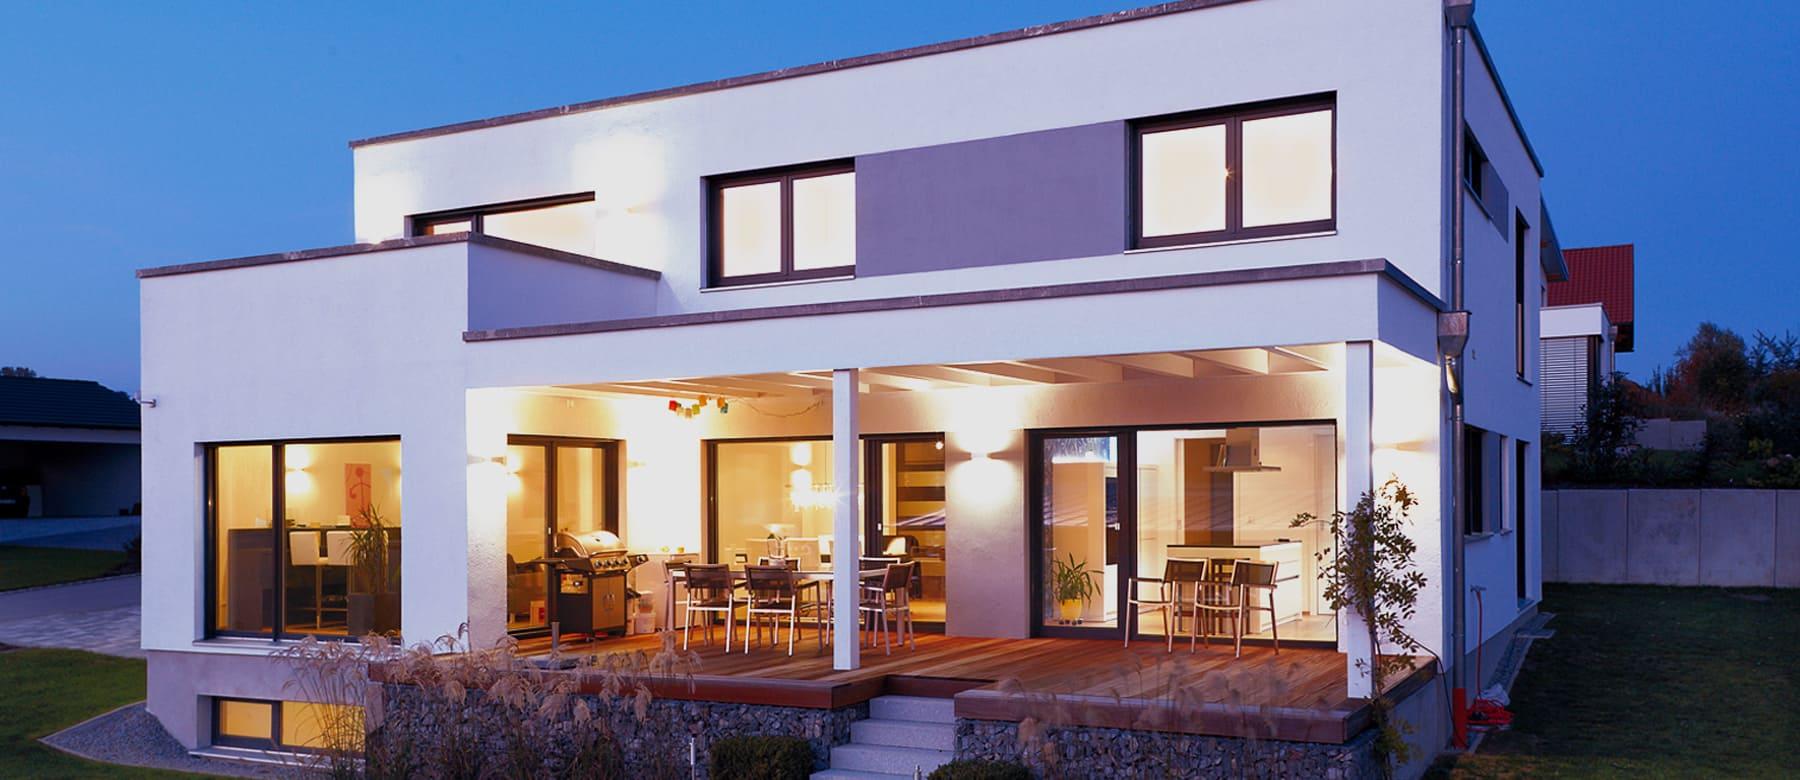 Bauen Sie Ihr Holzhaus, Passivhaus, Plusenergiehaus mit ...